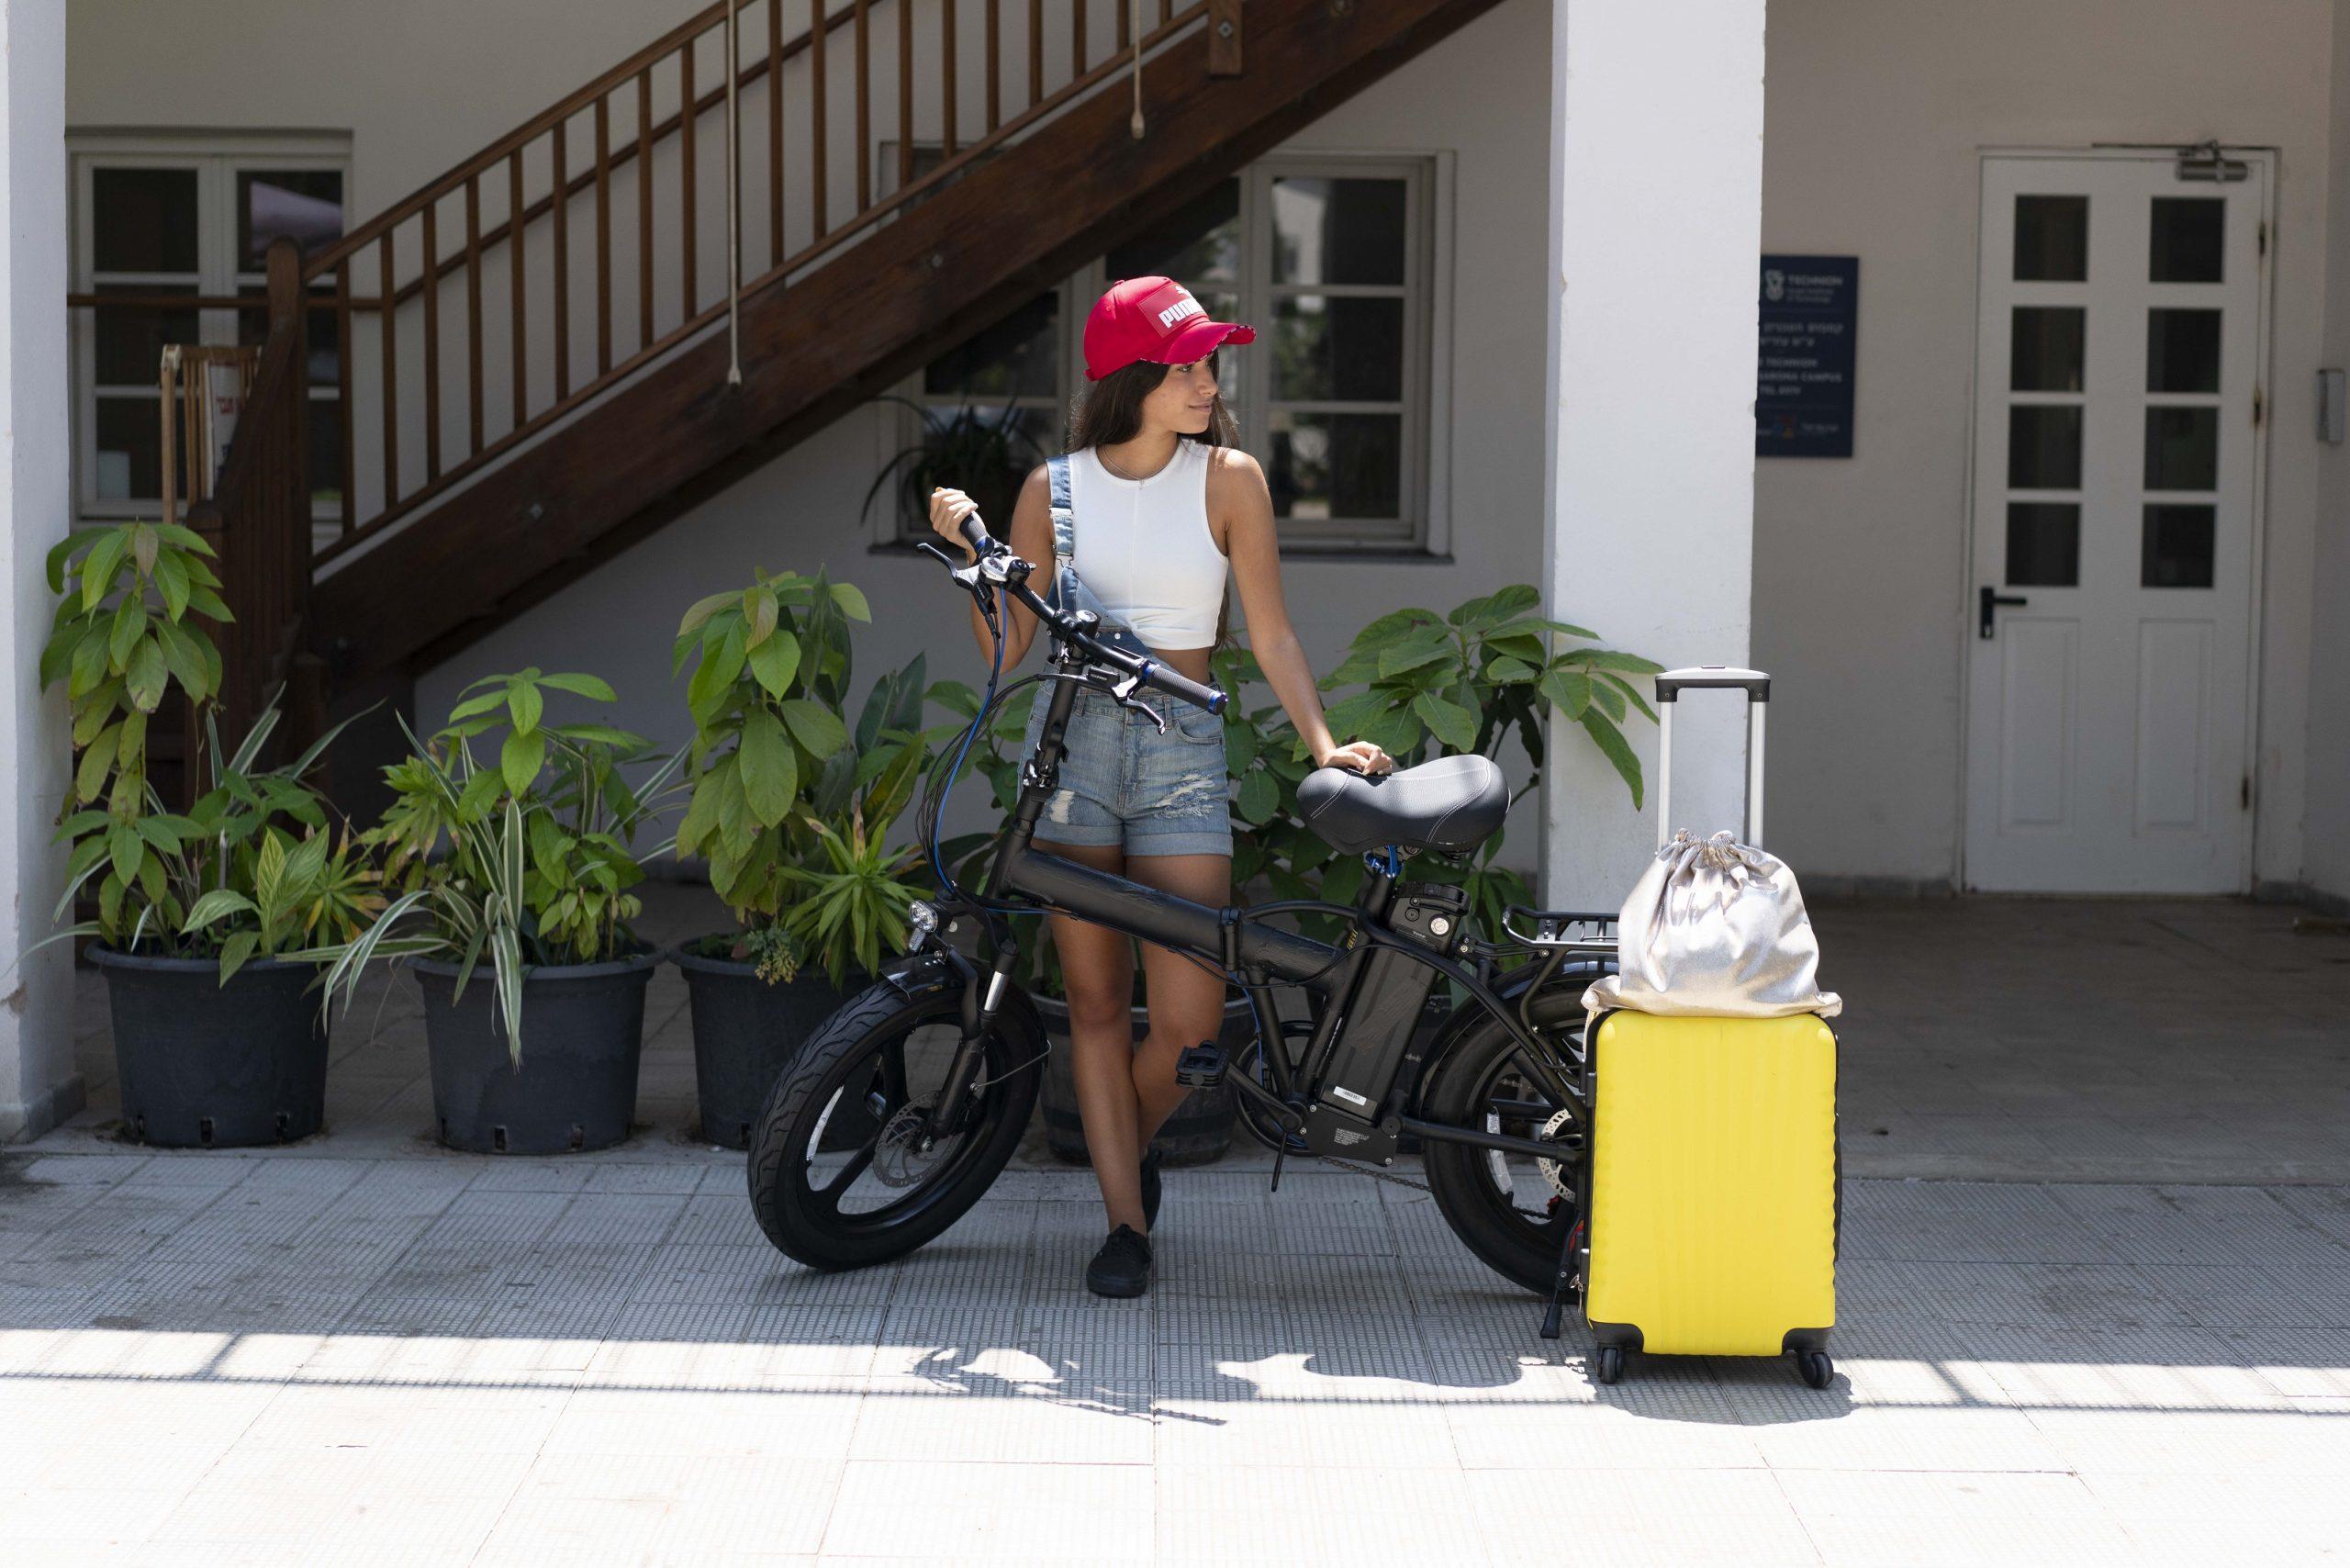 אופניים חשמליים עד 5,000 שקלים